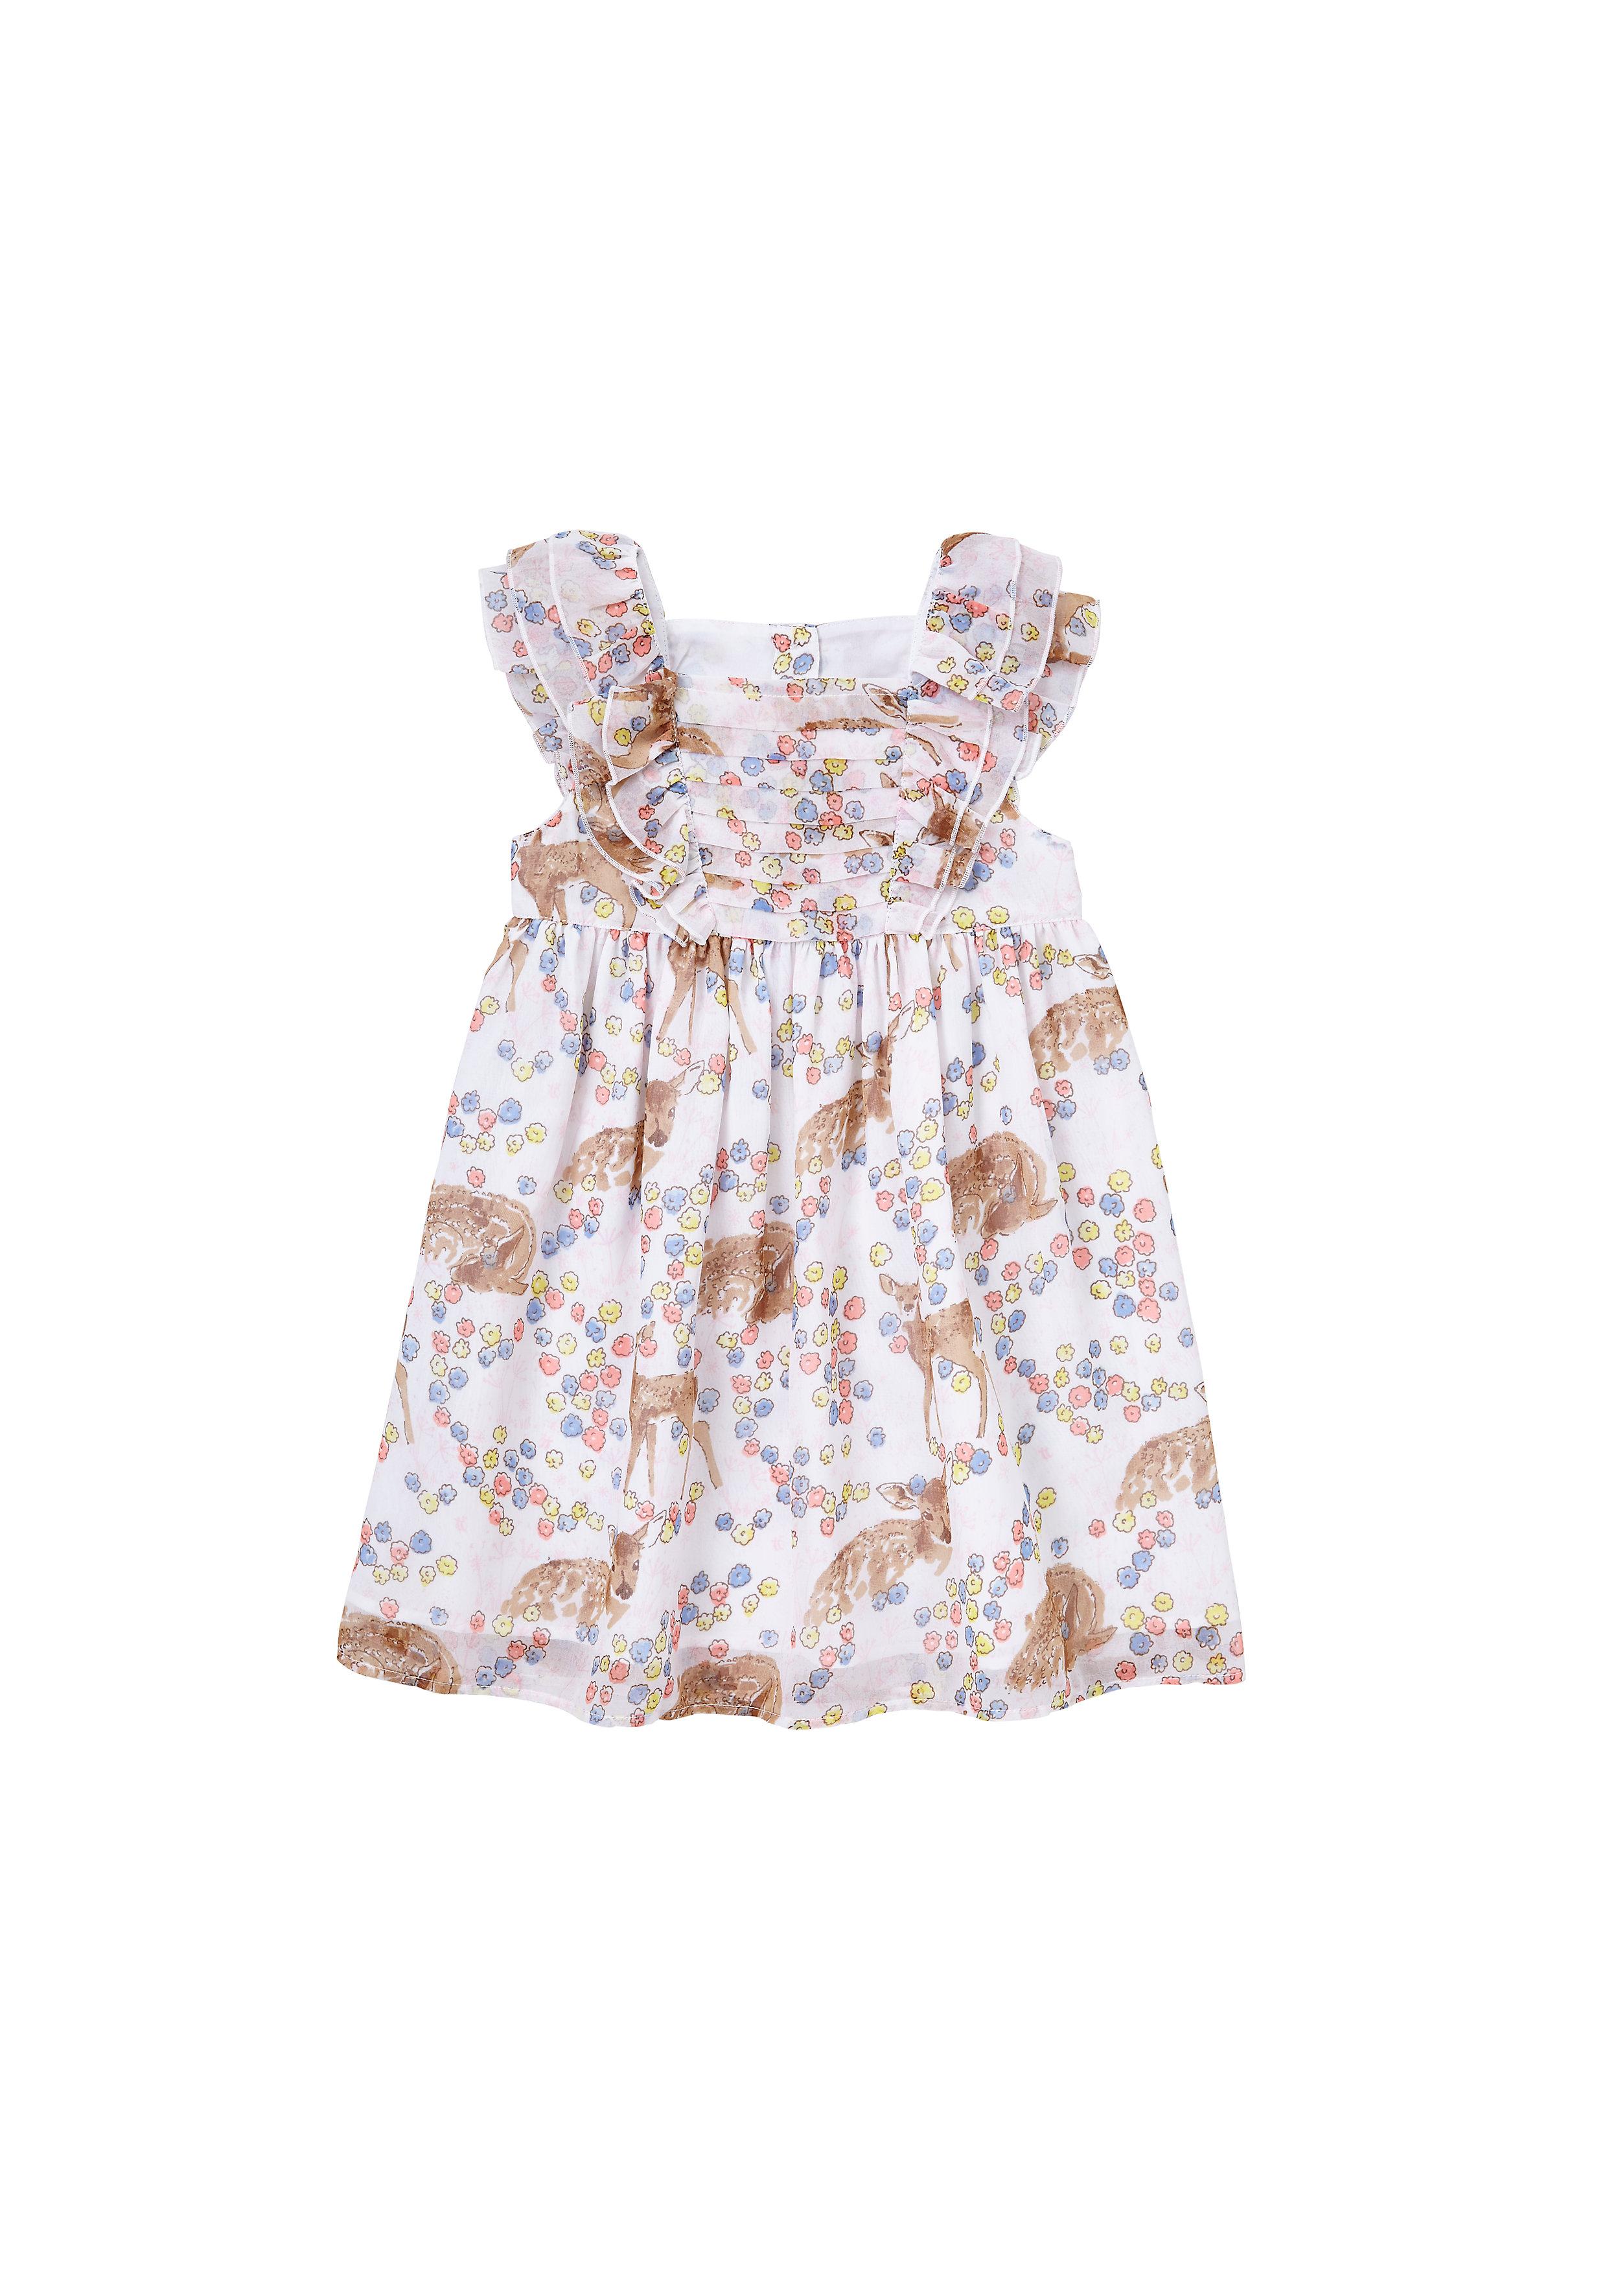 Mothercare | Girls Deer Dress  - Cream